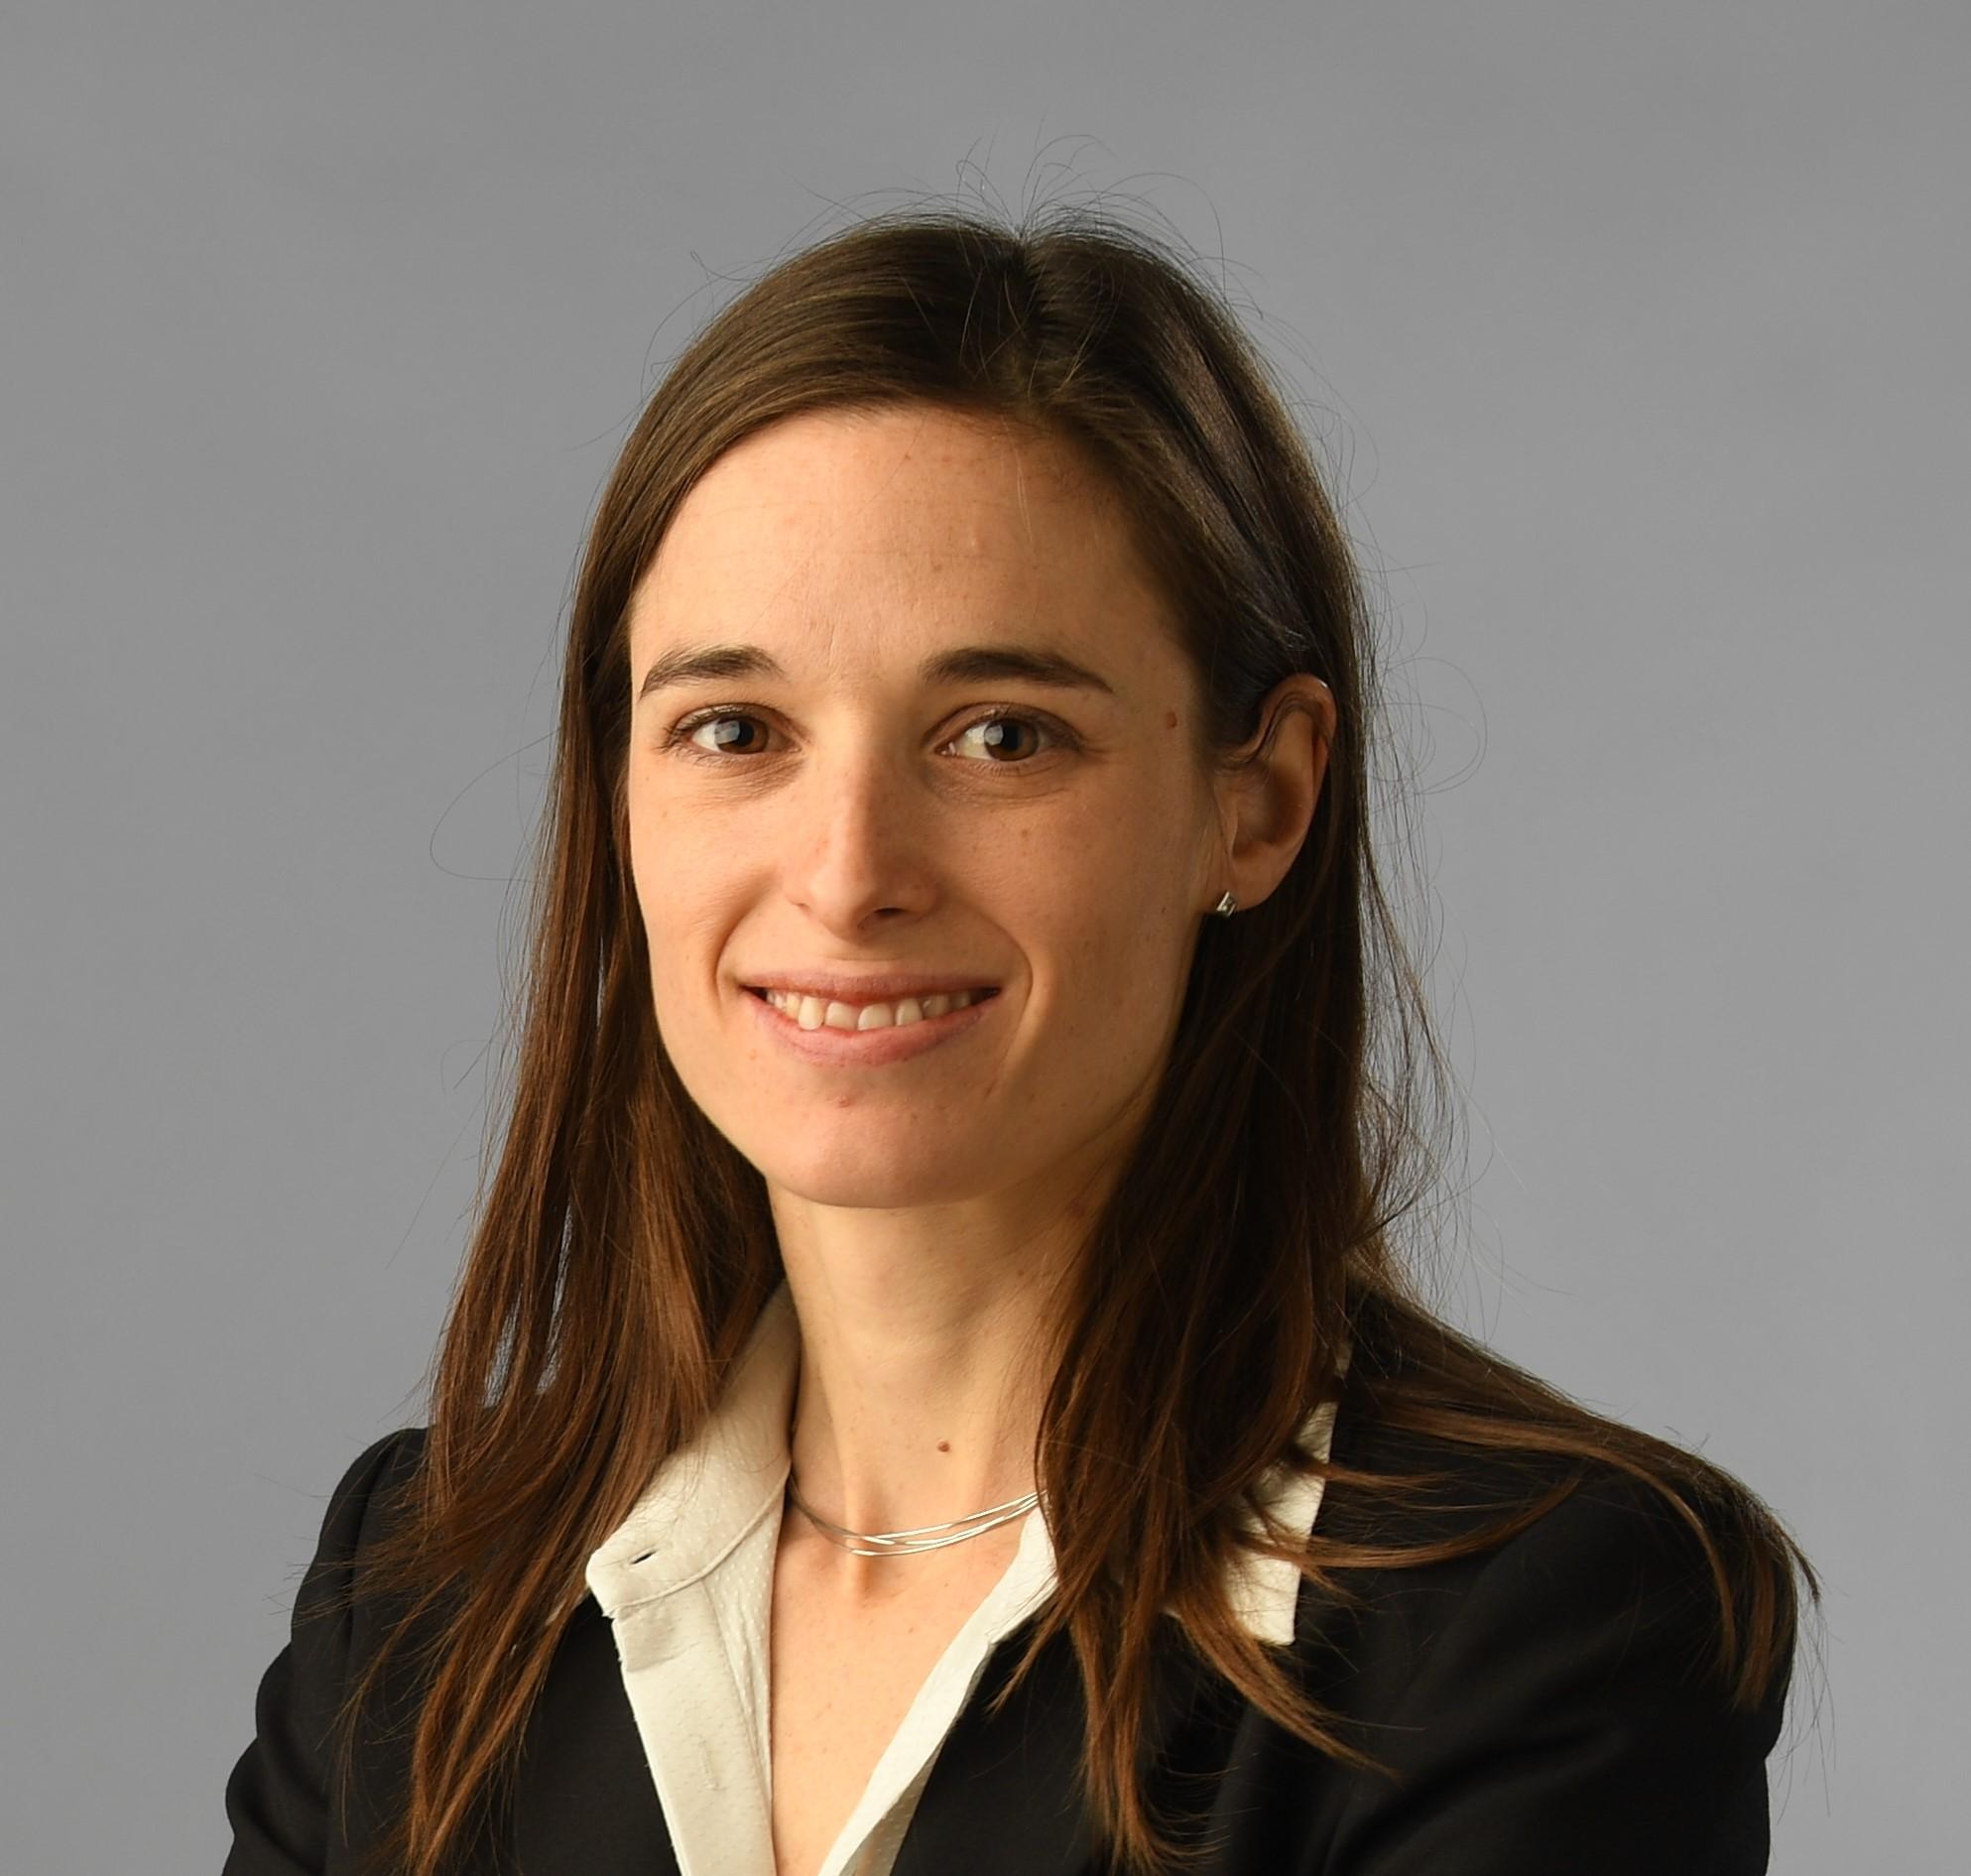 Emilie Conti Morel